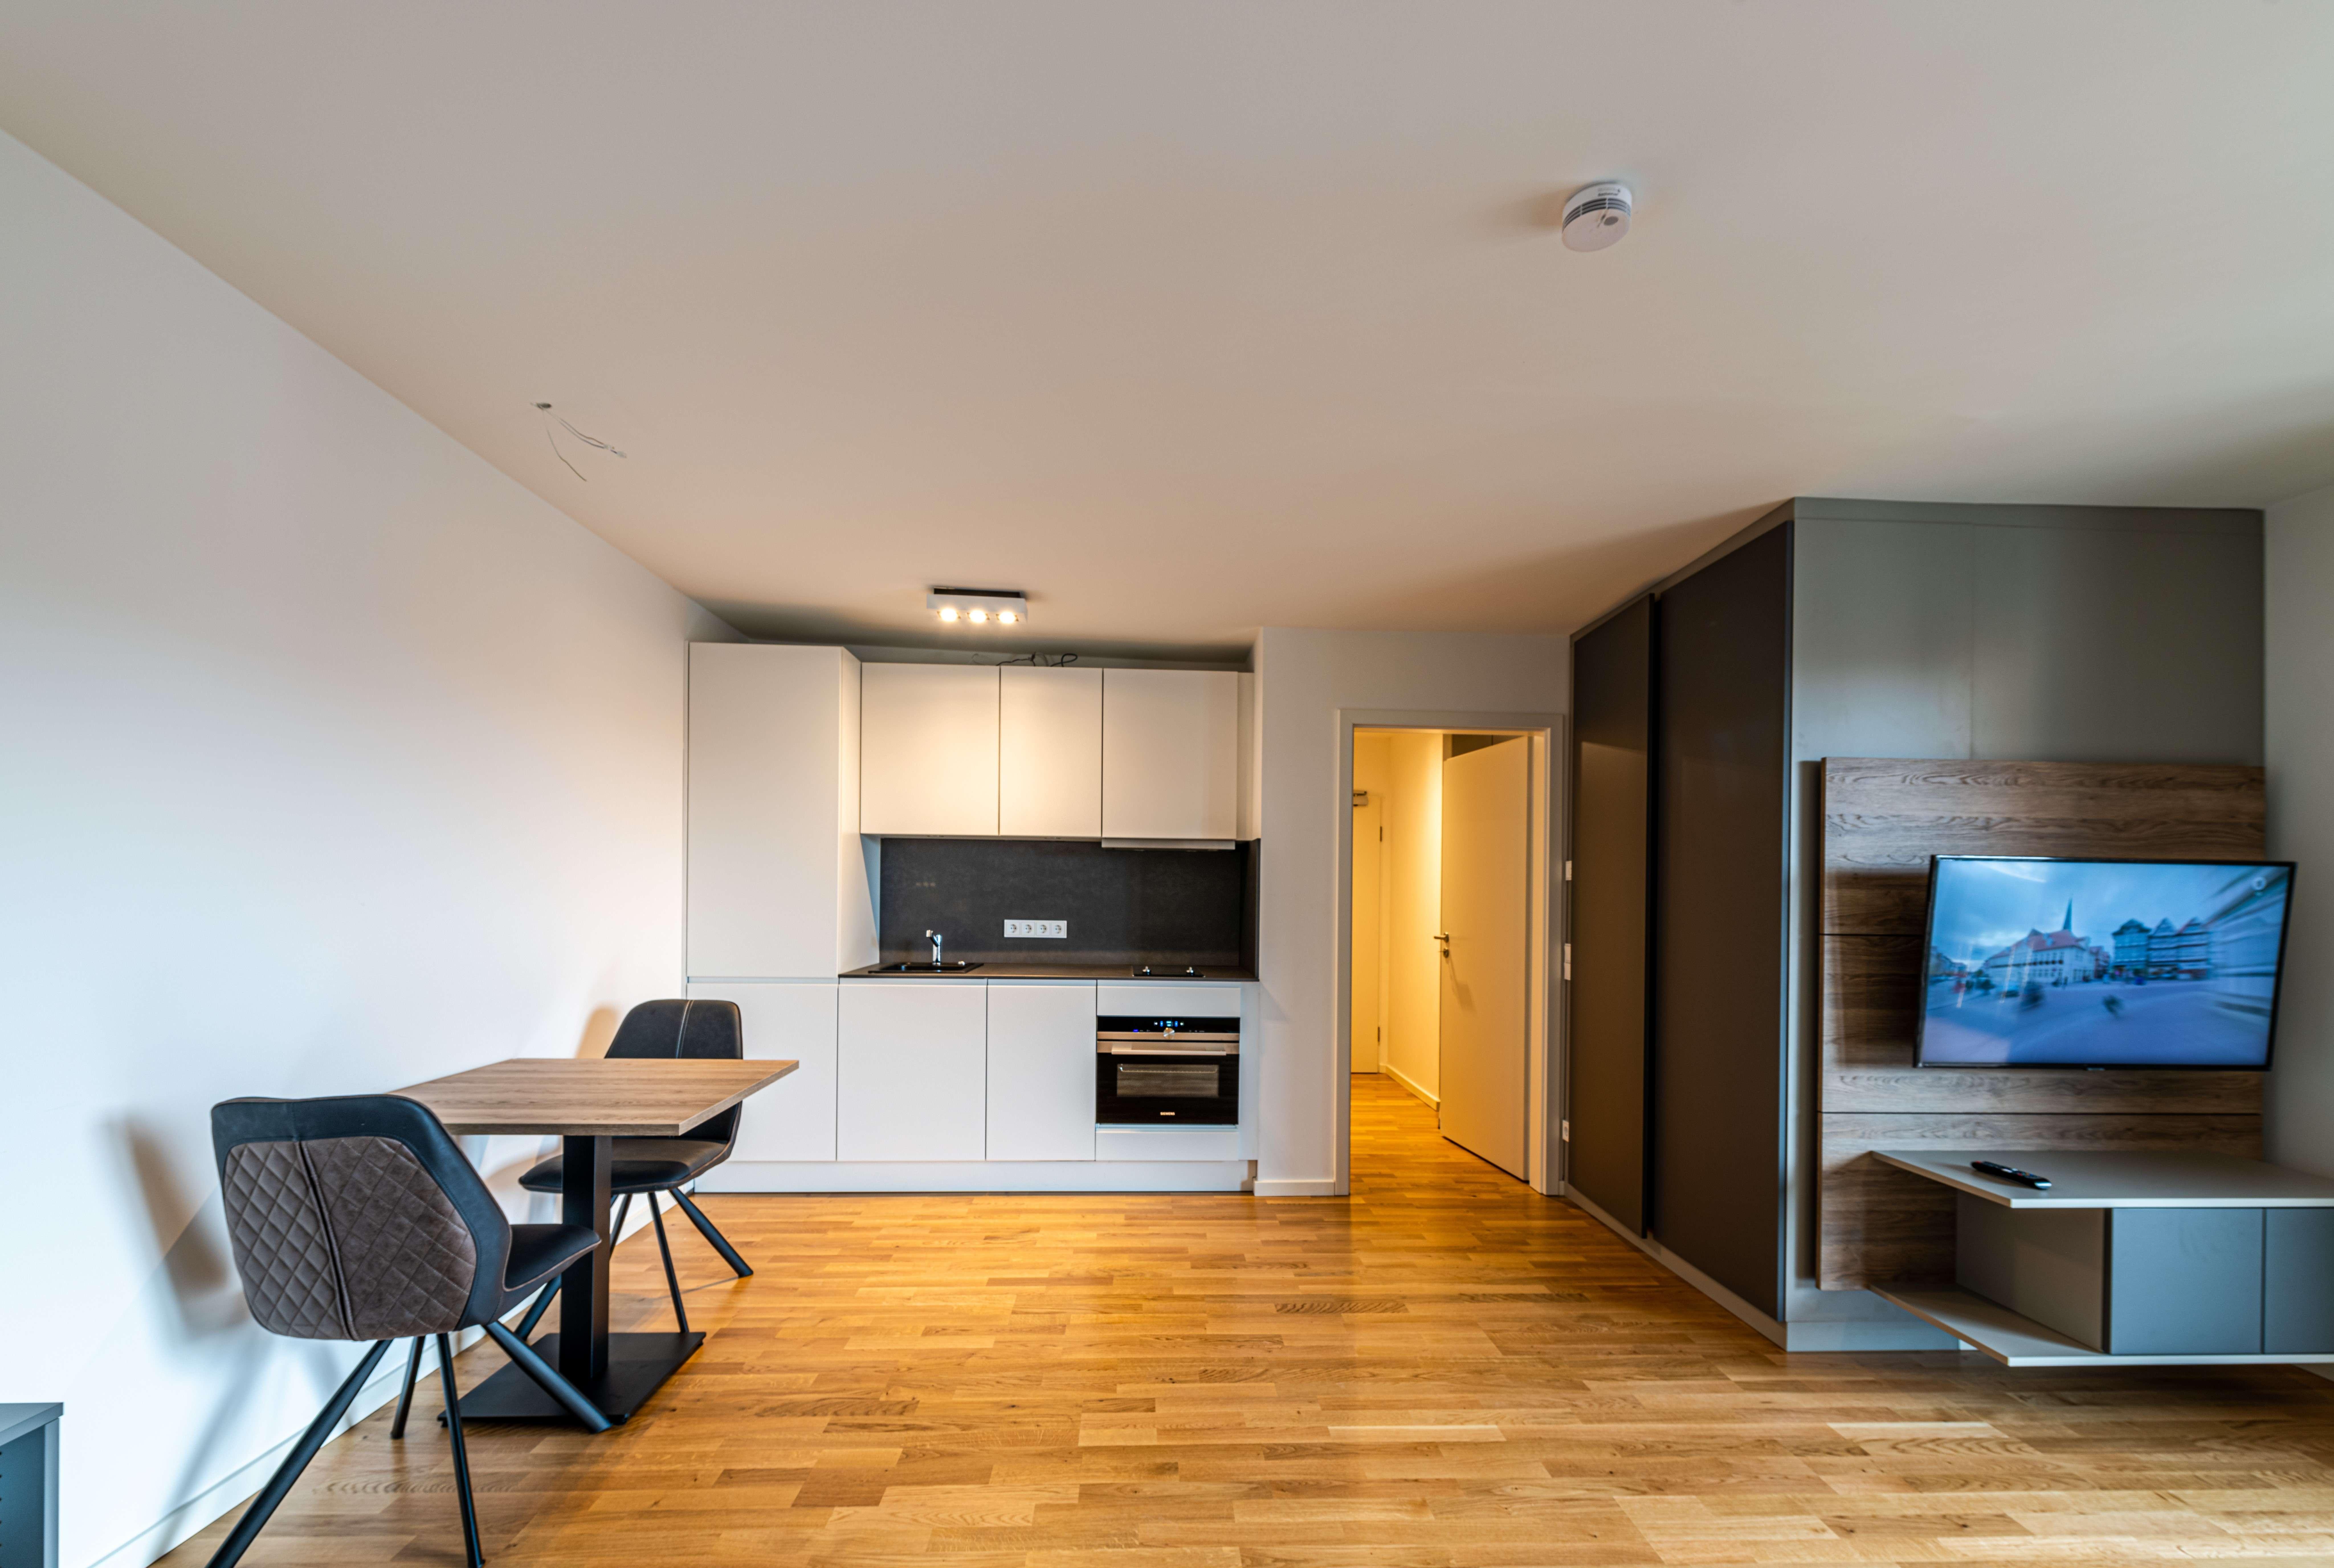 NEUBAU 1-Zimmer - möblierter Wohntraum in München-Neuhausen in Neuhausen (München)